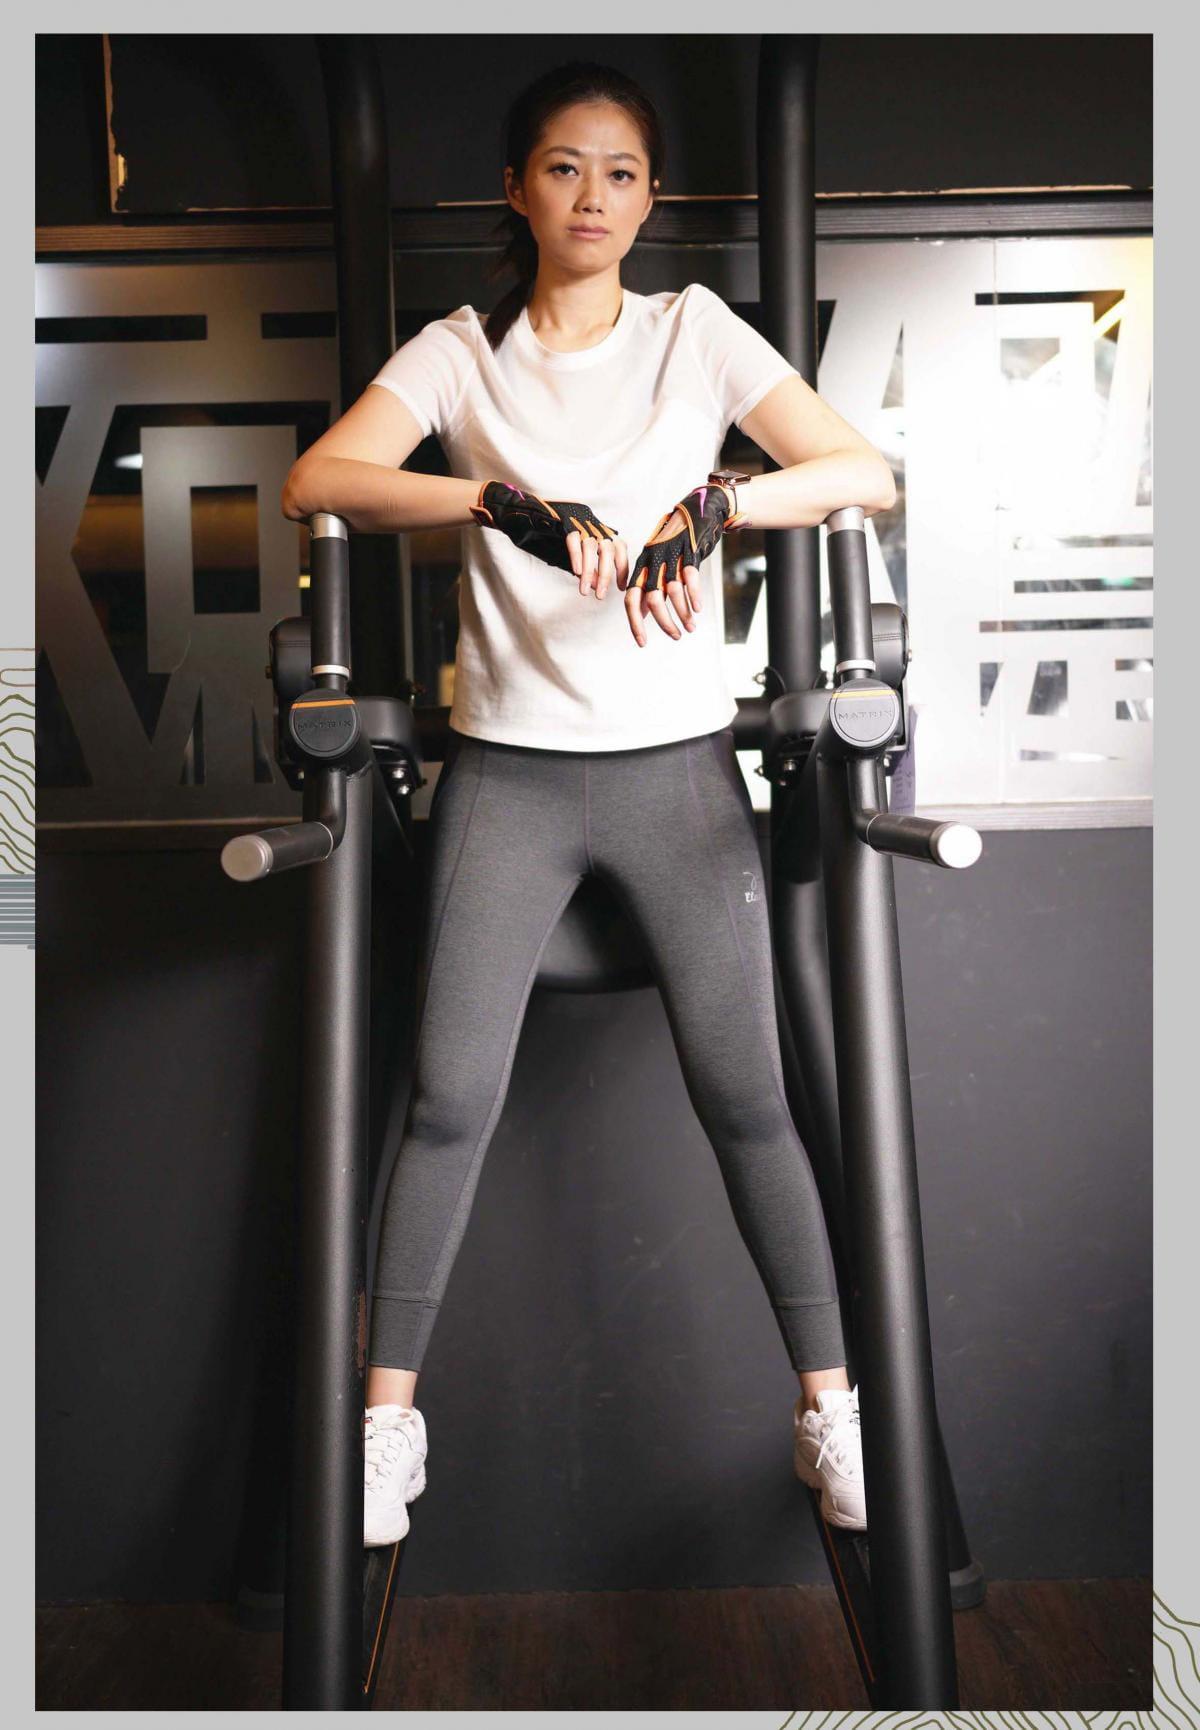 【ELASTI】美姿健身褲(配置手機口袋夾層壓力褲) 9